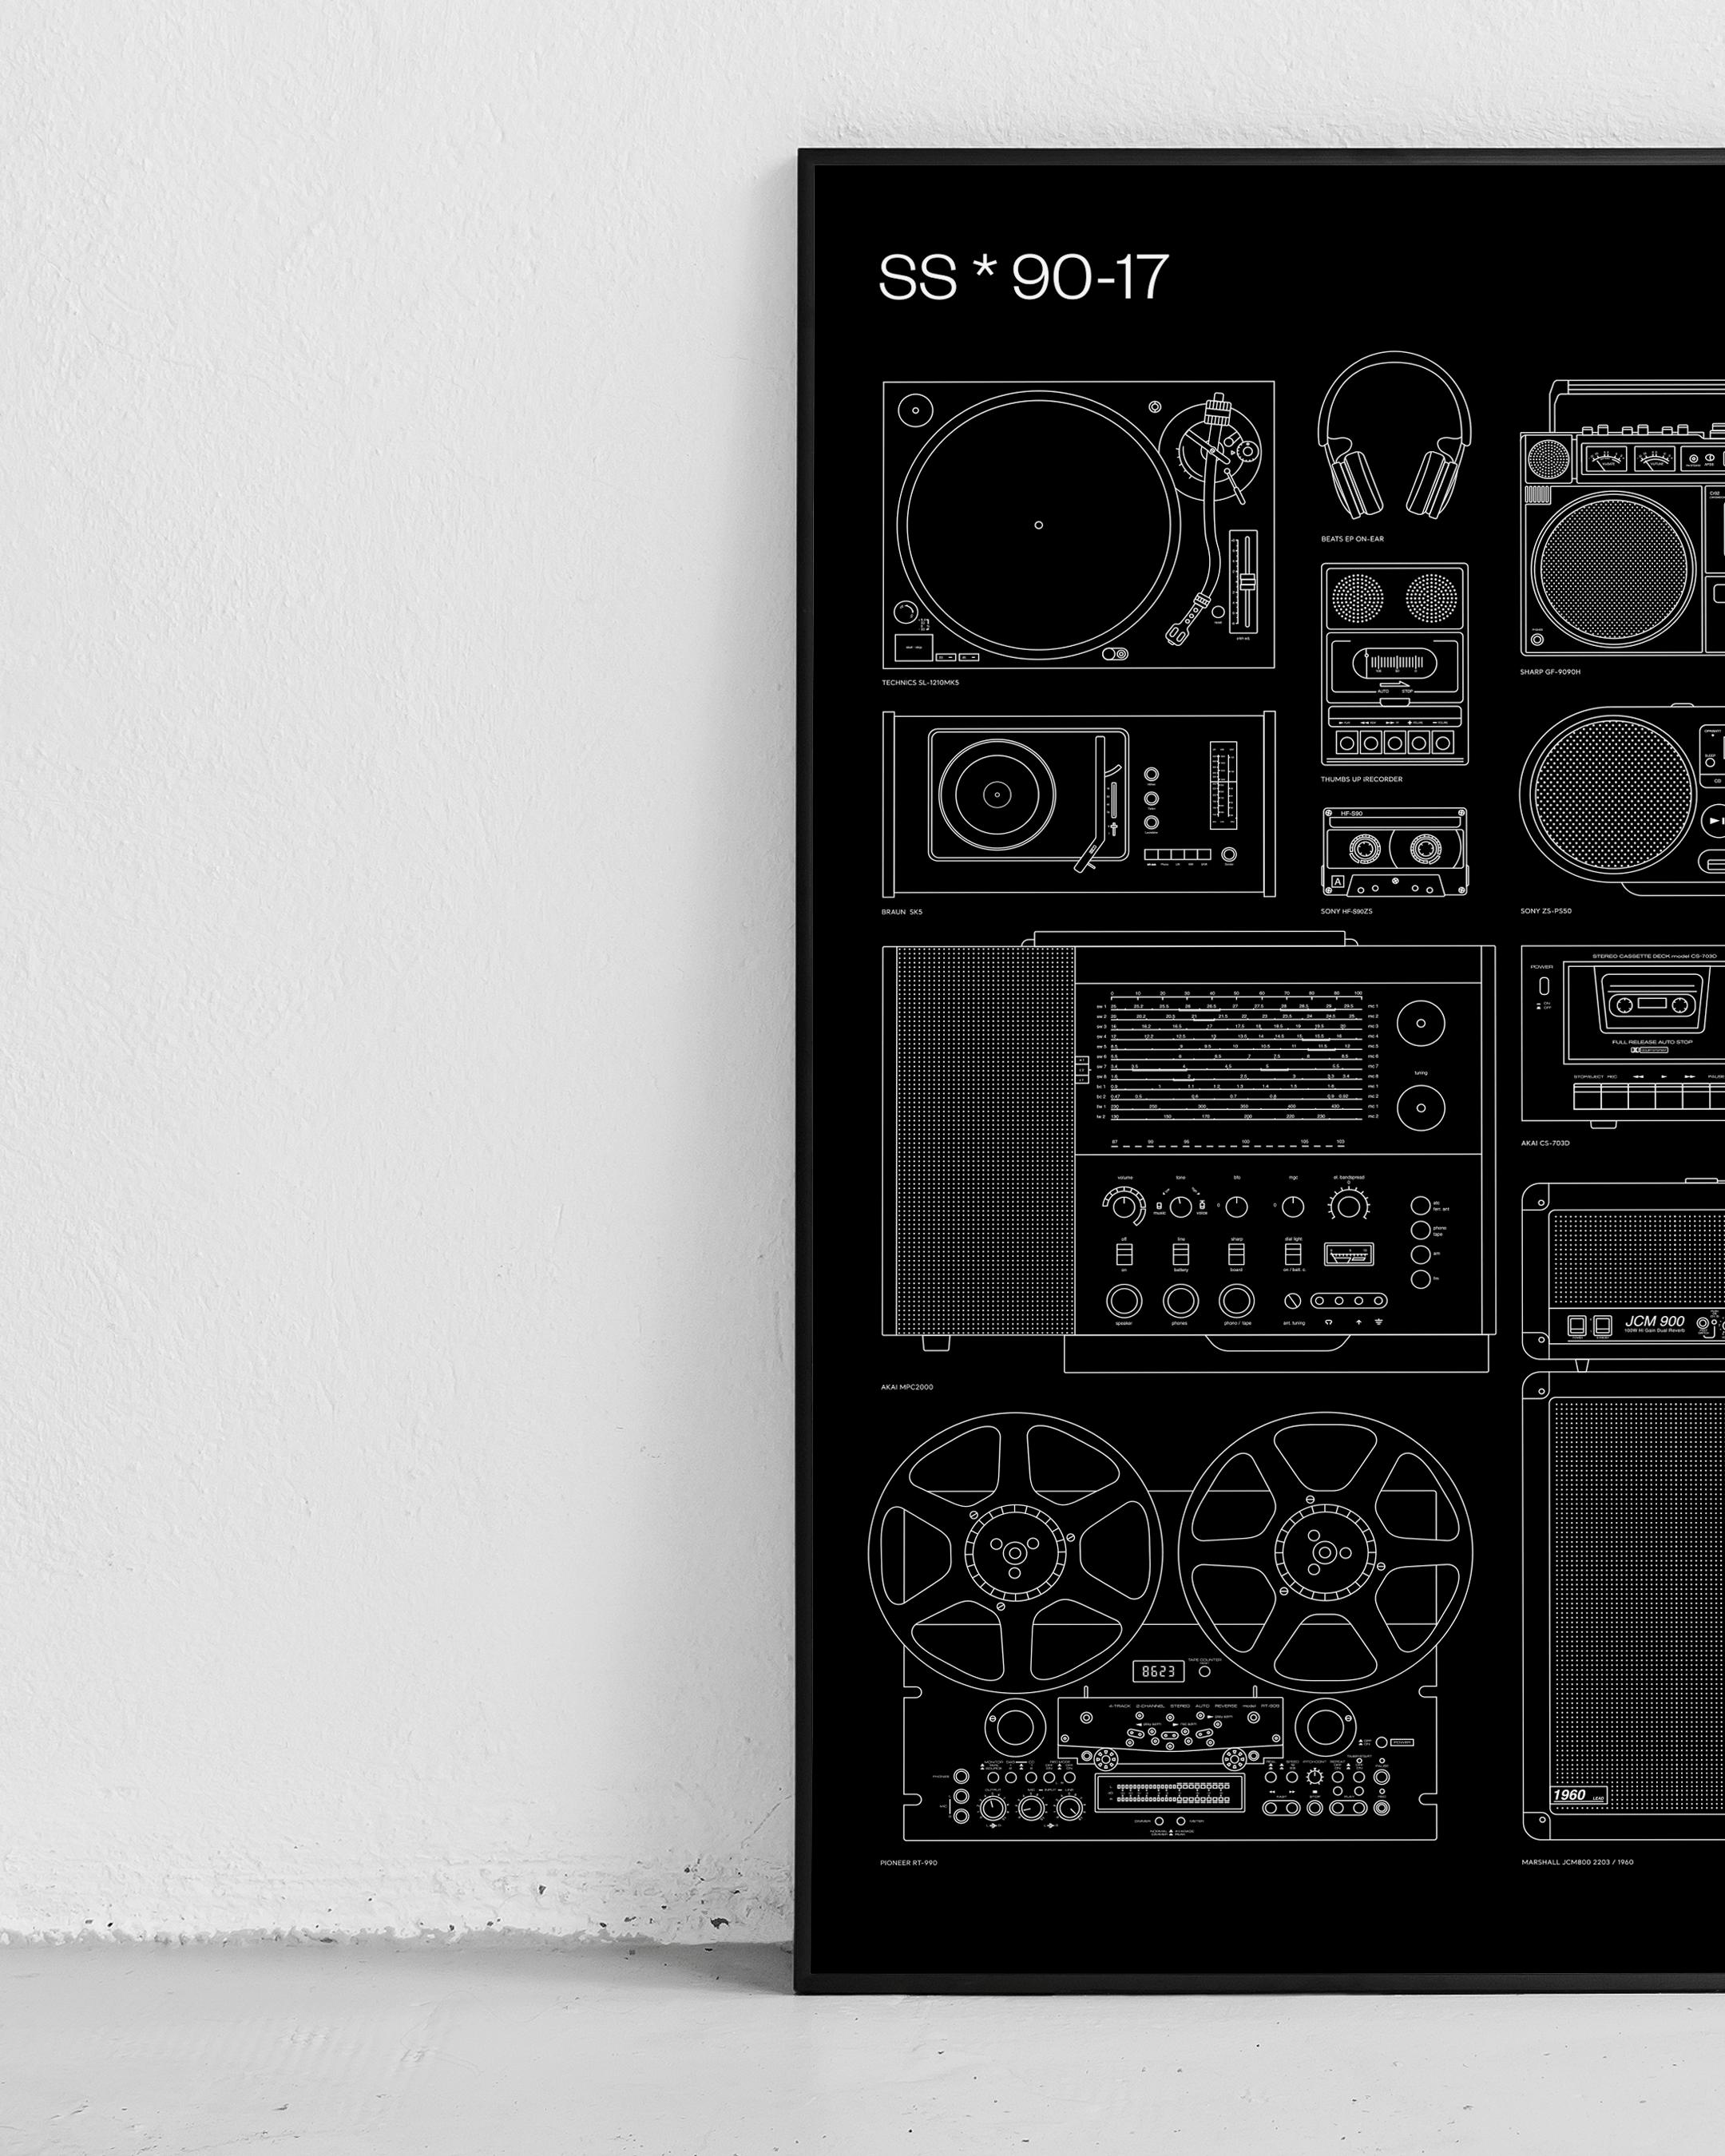 SS-90-17-Gokten-Tut-07